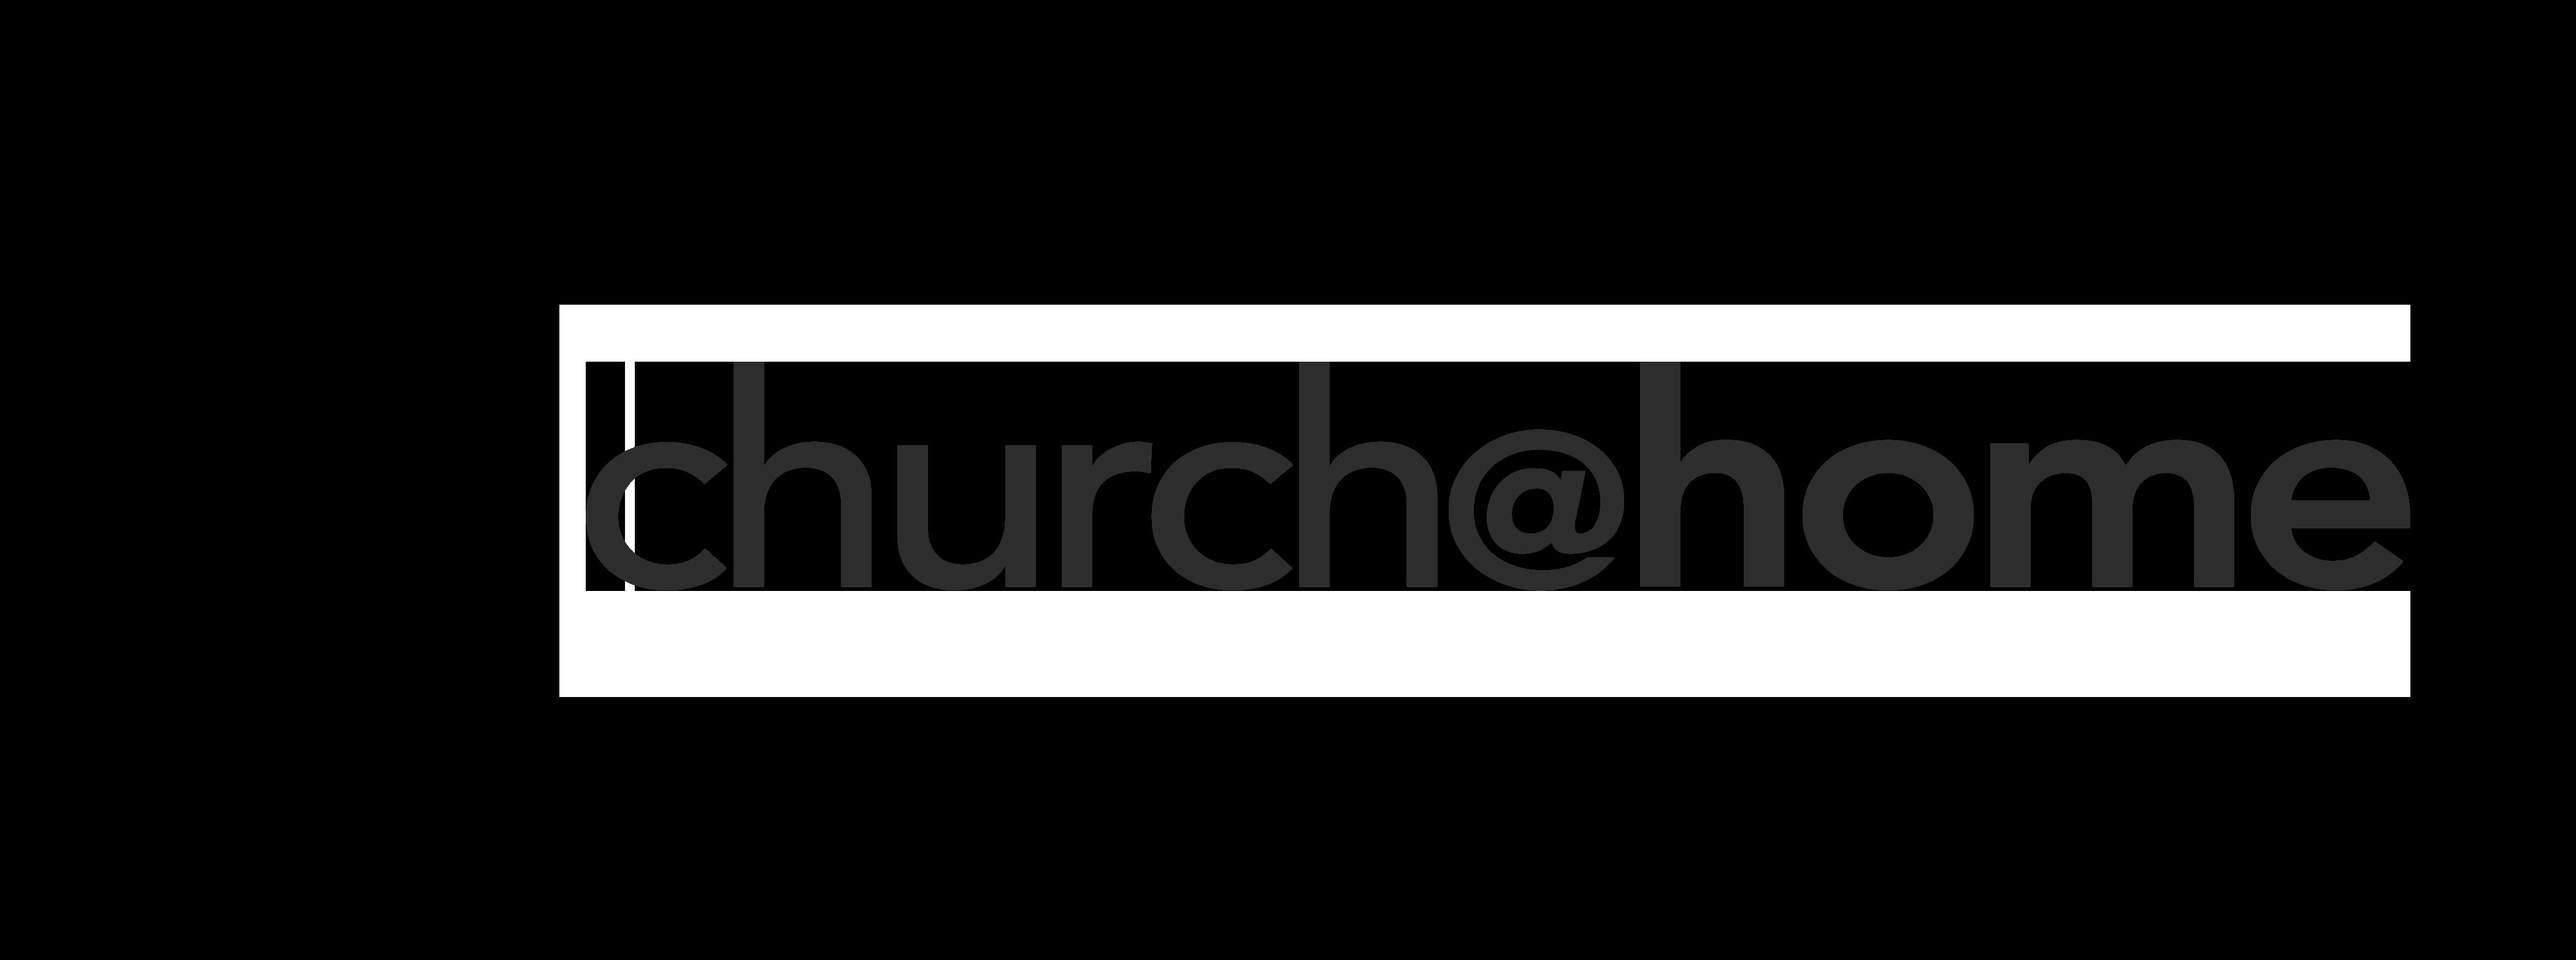 Church At Home logo